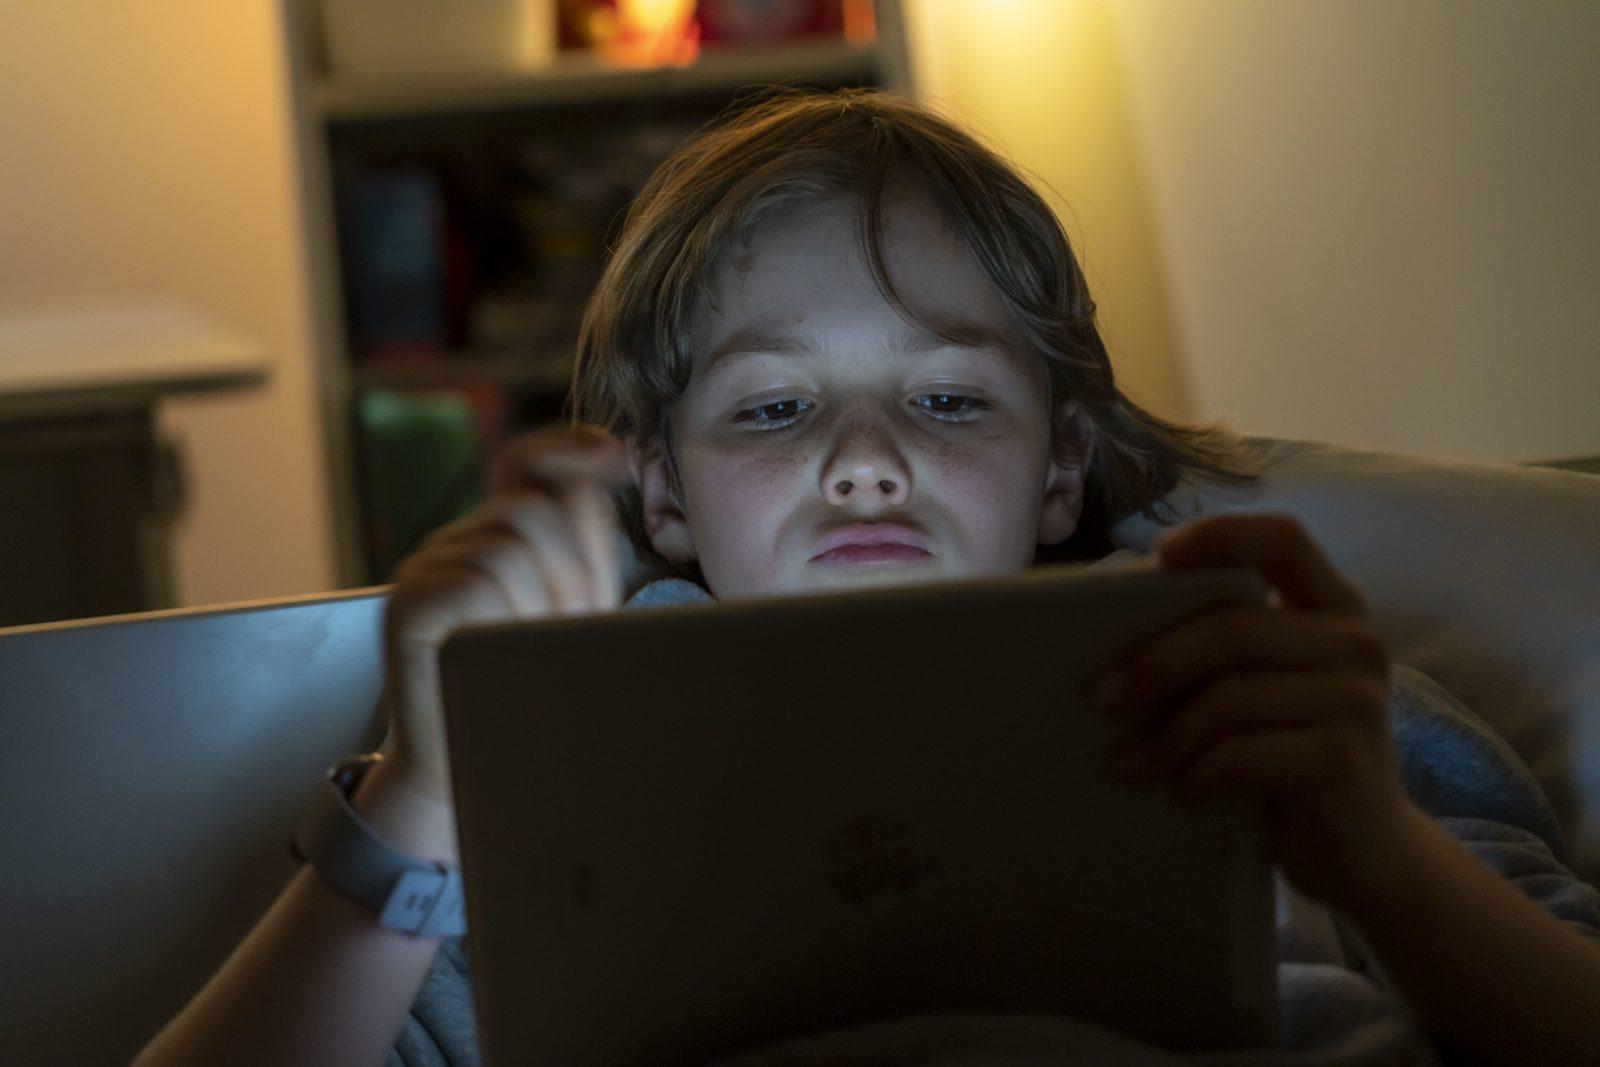 Ein Junge spielt Computerspiele an einem Tablett PC.